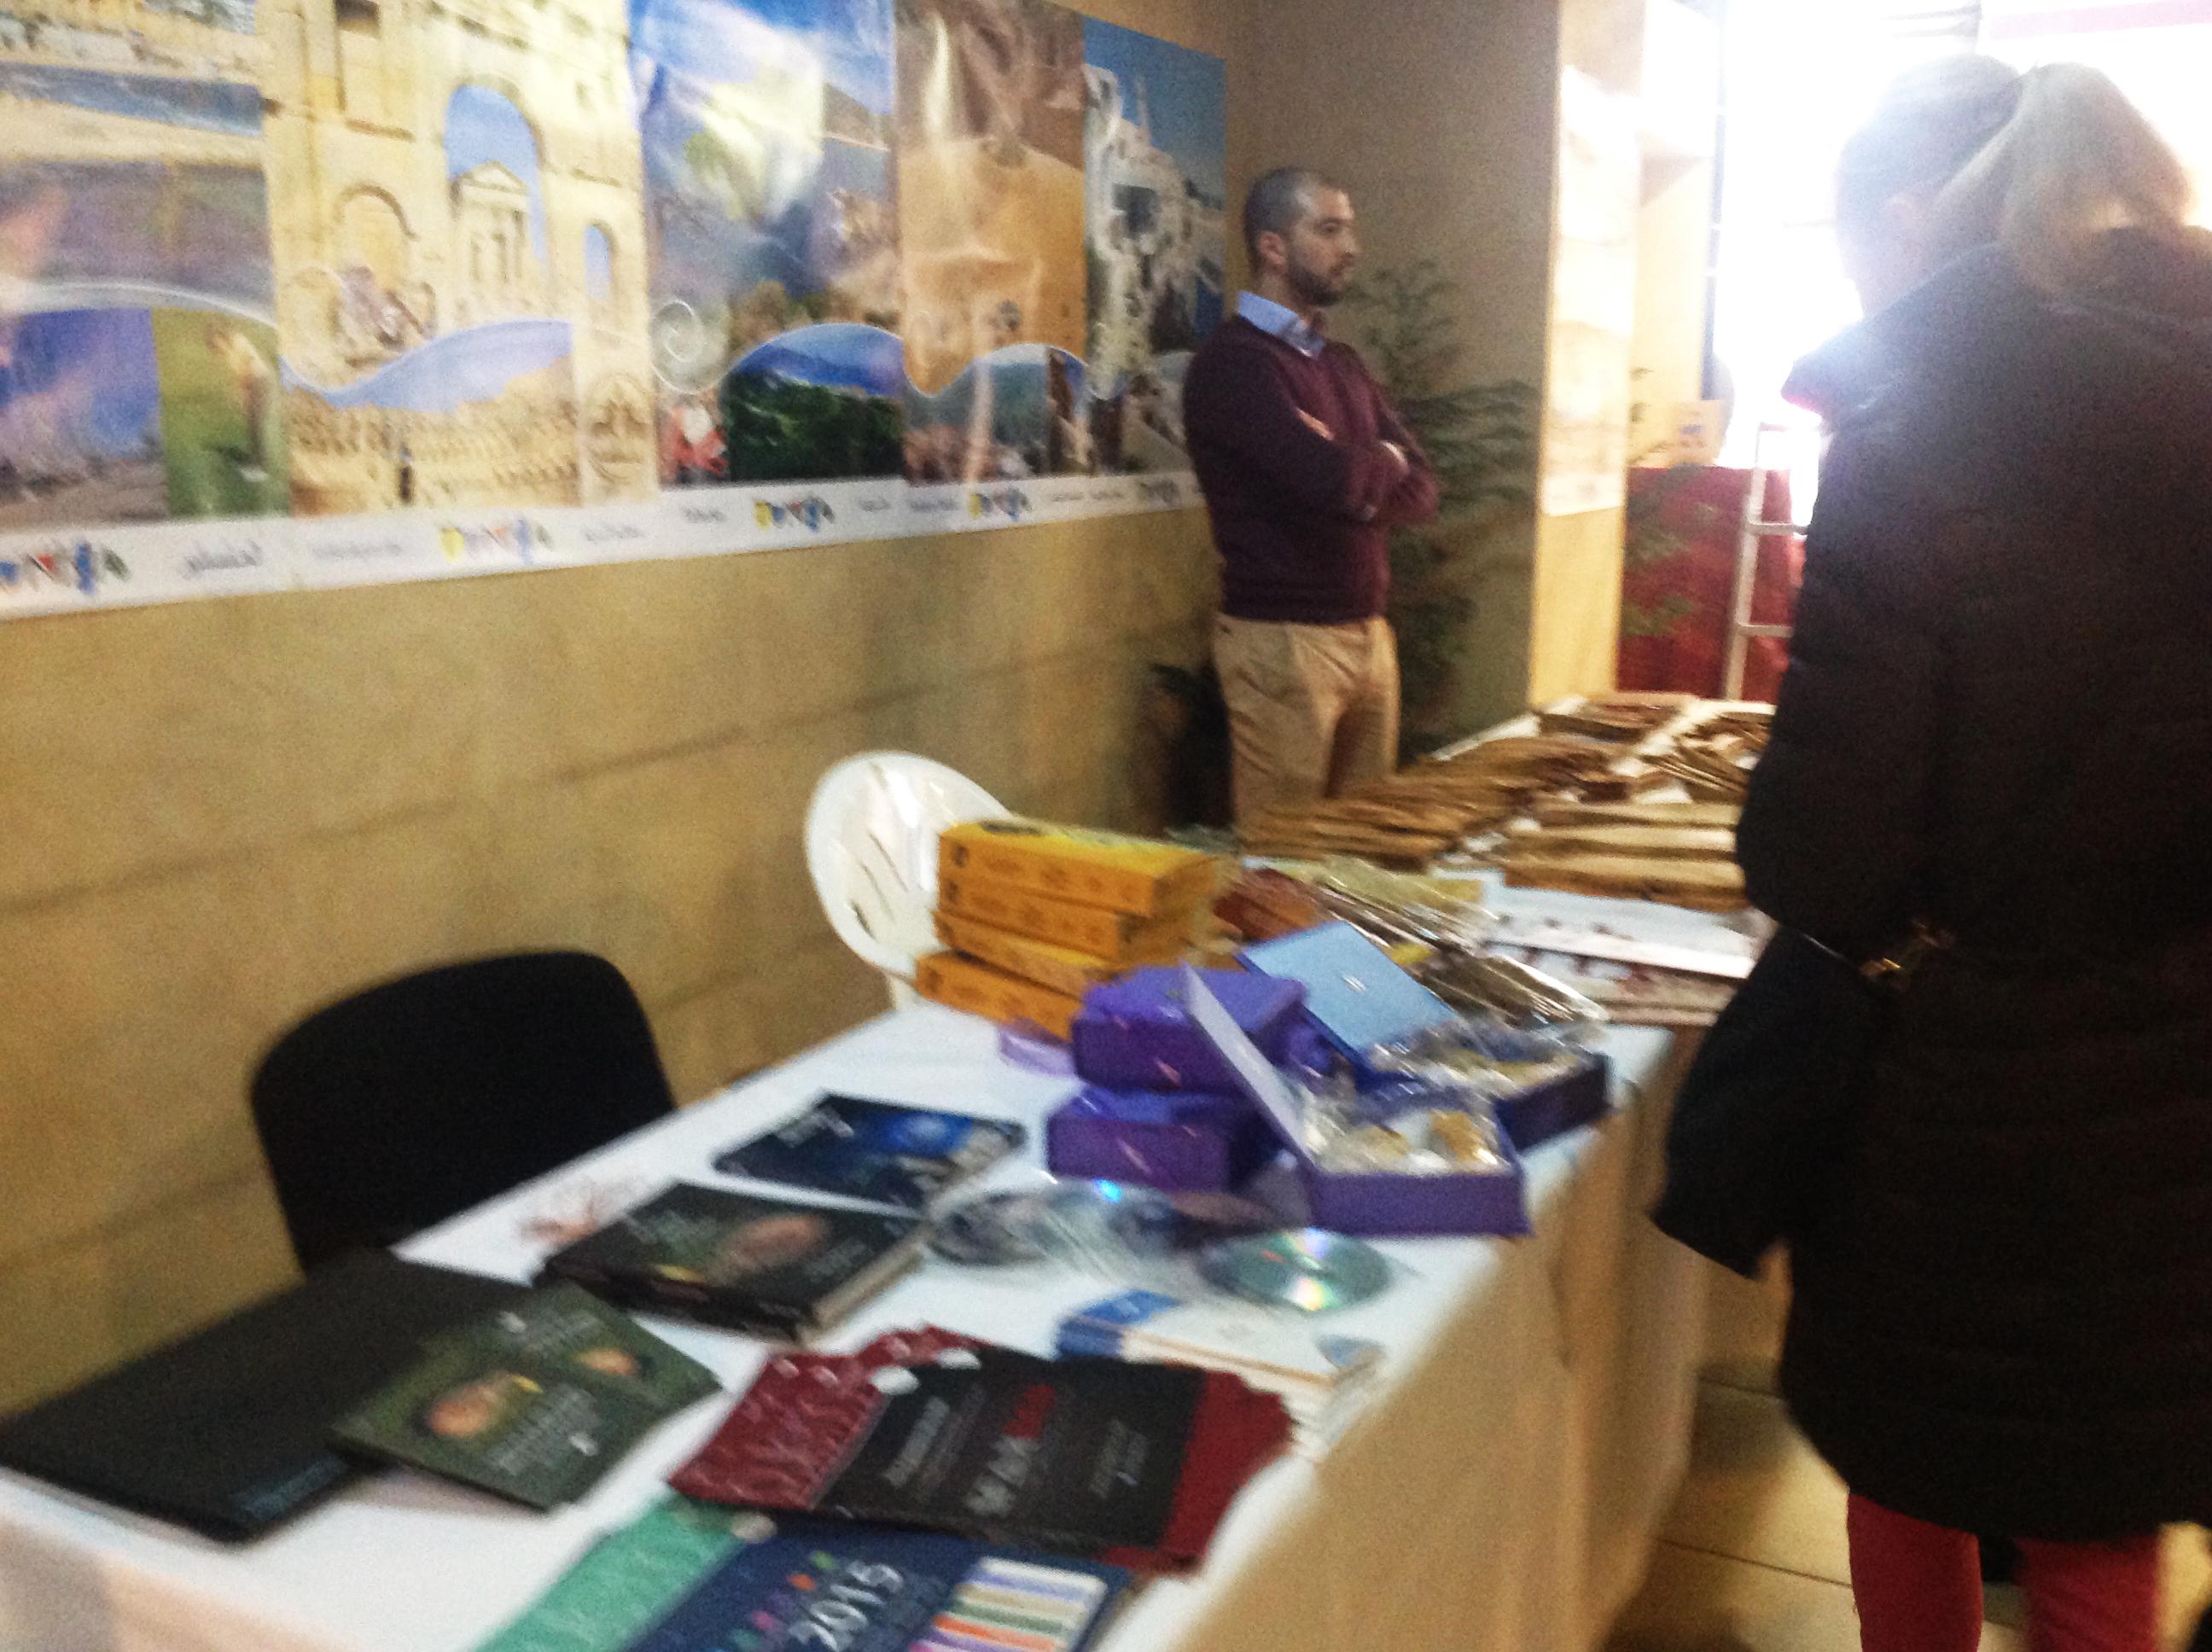 Diffusion du guide de l'huile d'olive en tunisie a l'occasion des journées tunisiennes et l'exposition des produits Tunisiens à Bucarest Roumanie du 17 au 21 mars 2016